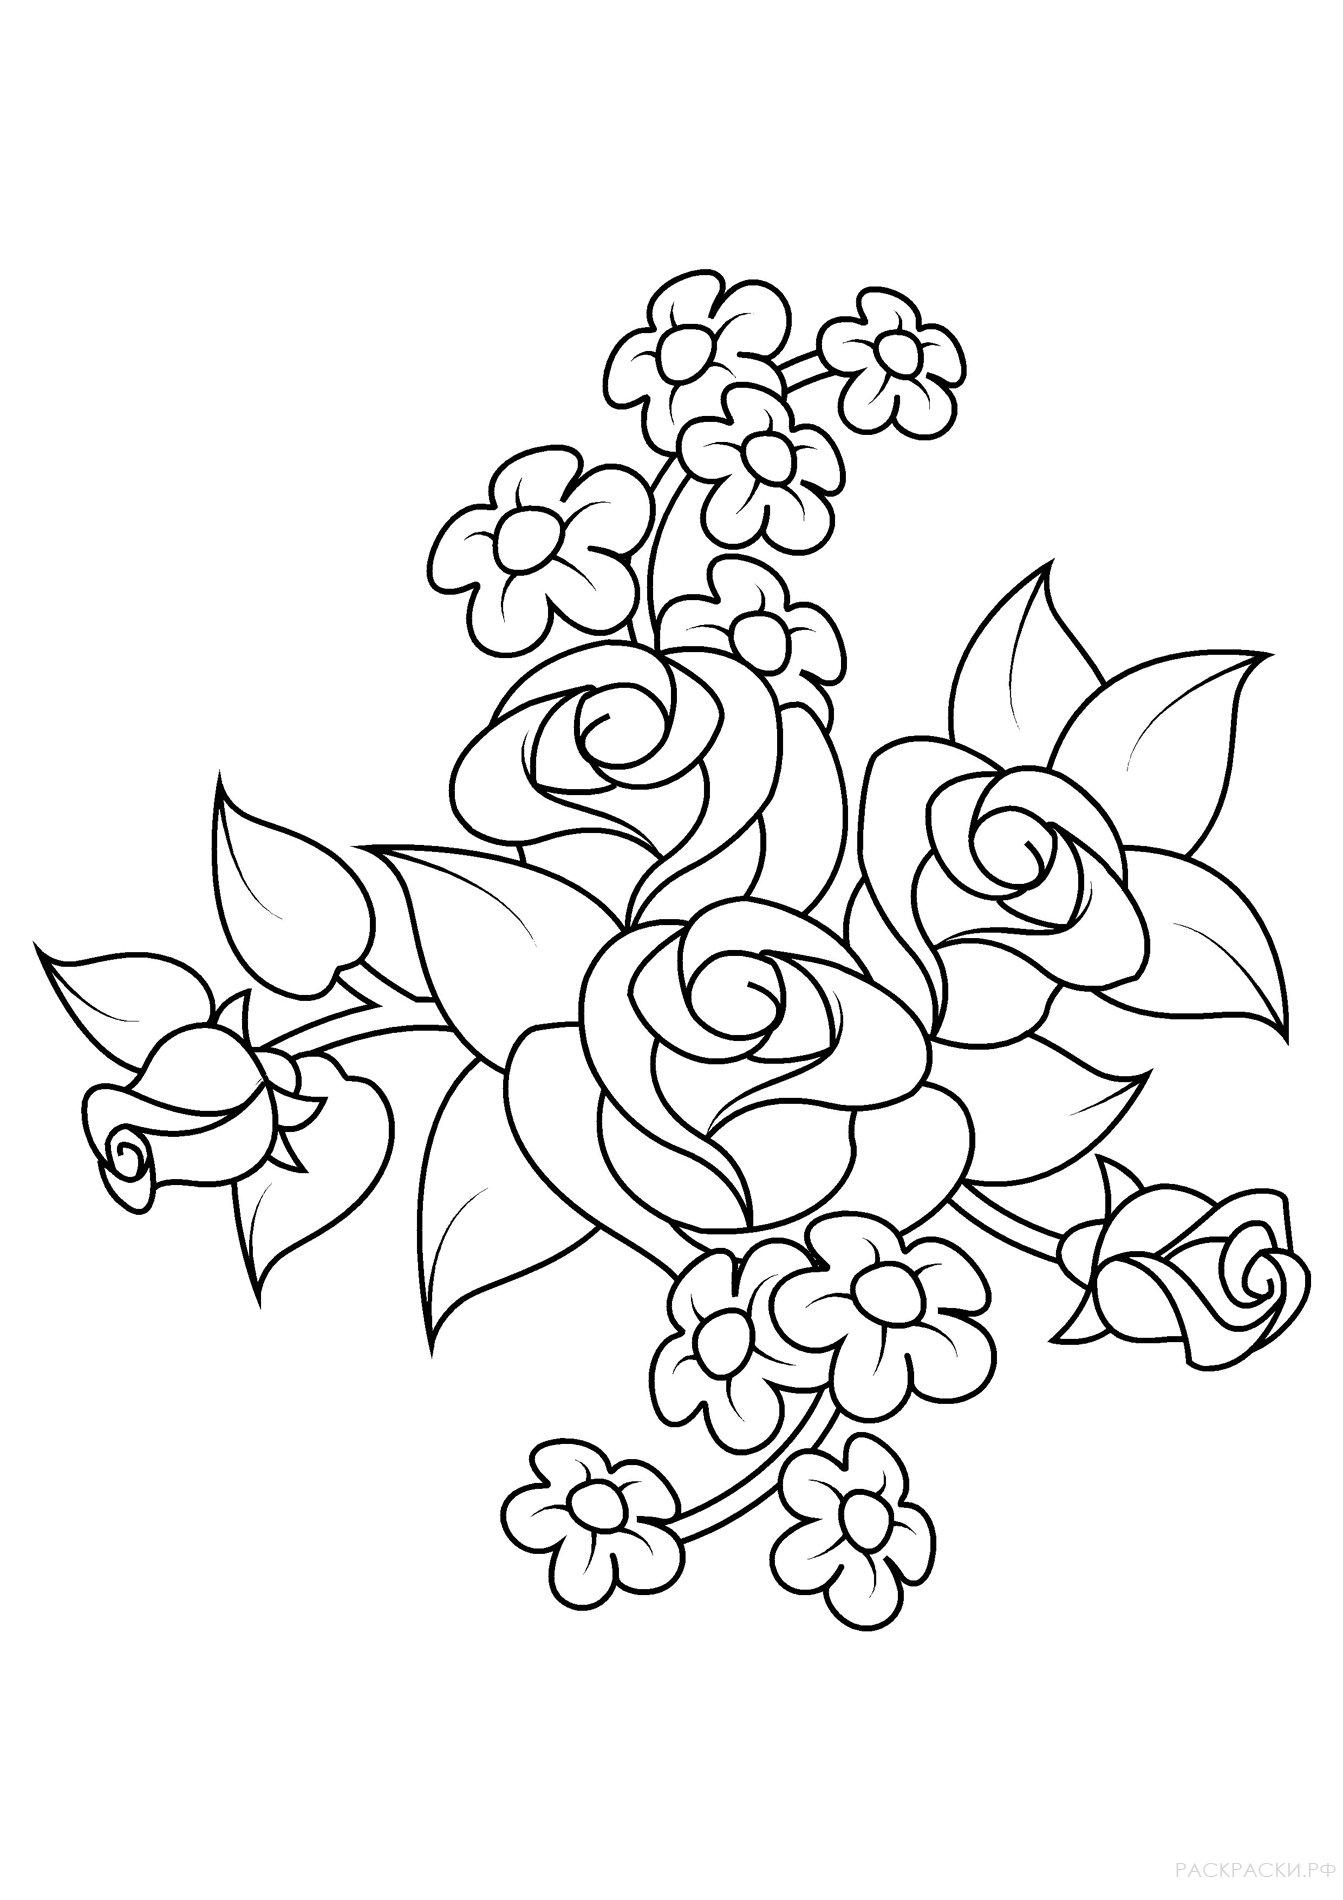 Раскраска Цветок розы » Раскраски.рф - распечатать ...